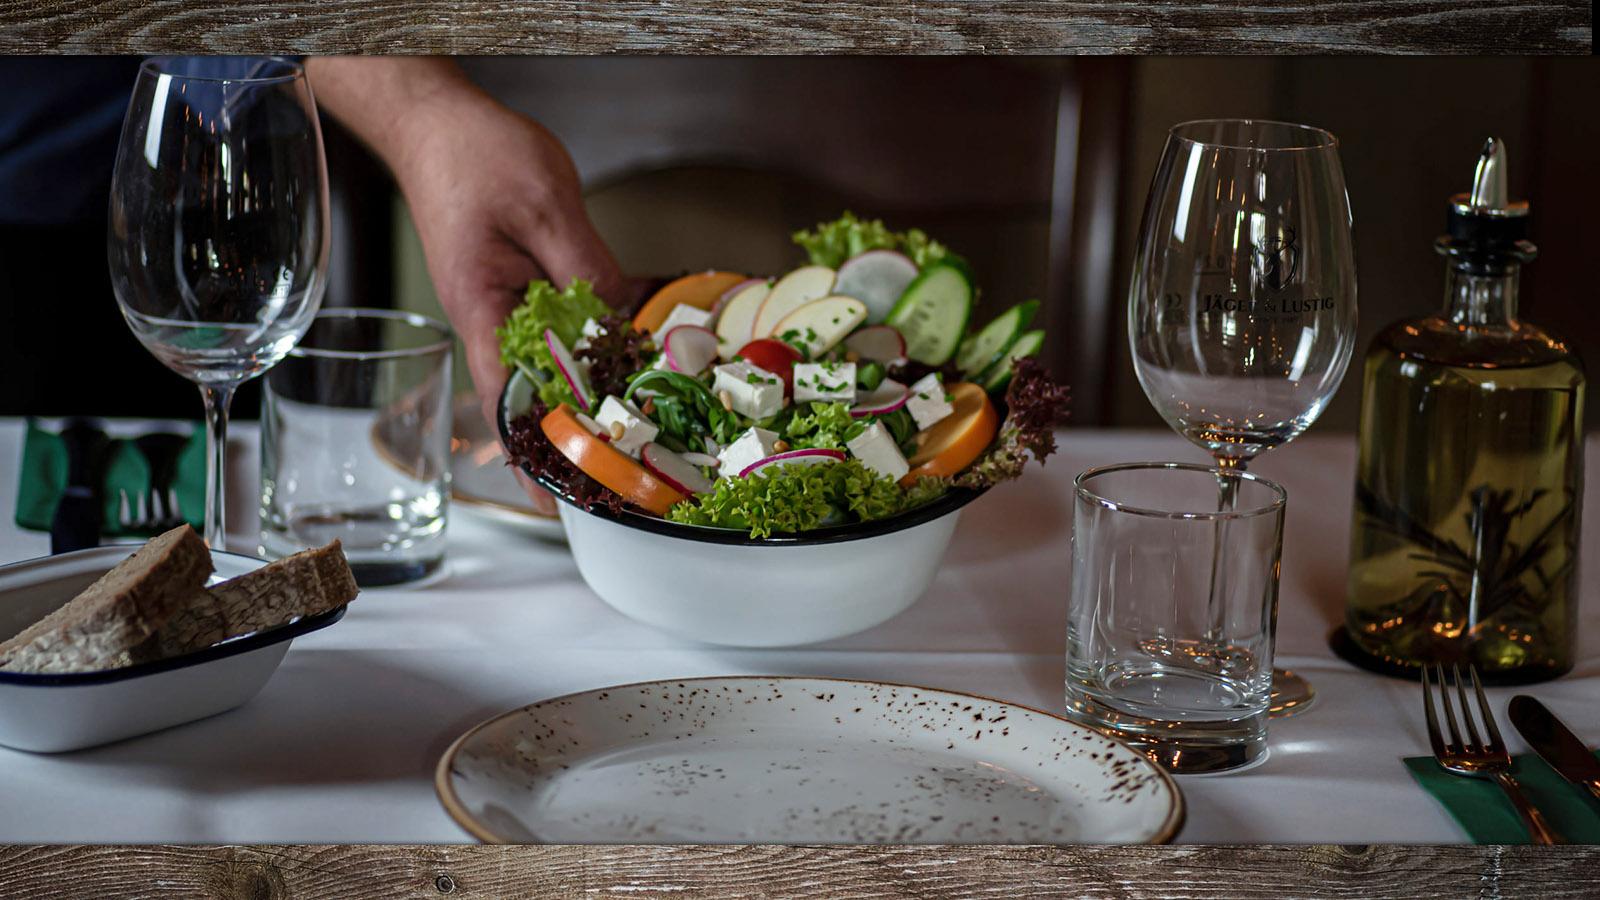 jaeger-und-lustig-berlin-gaststaette-restaurant-bierstube-biergarten-slider-6